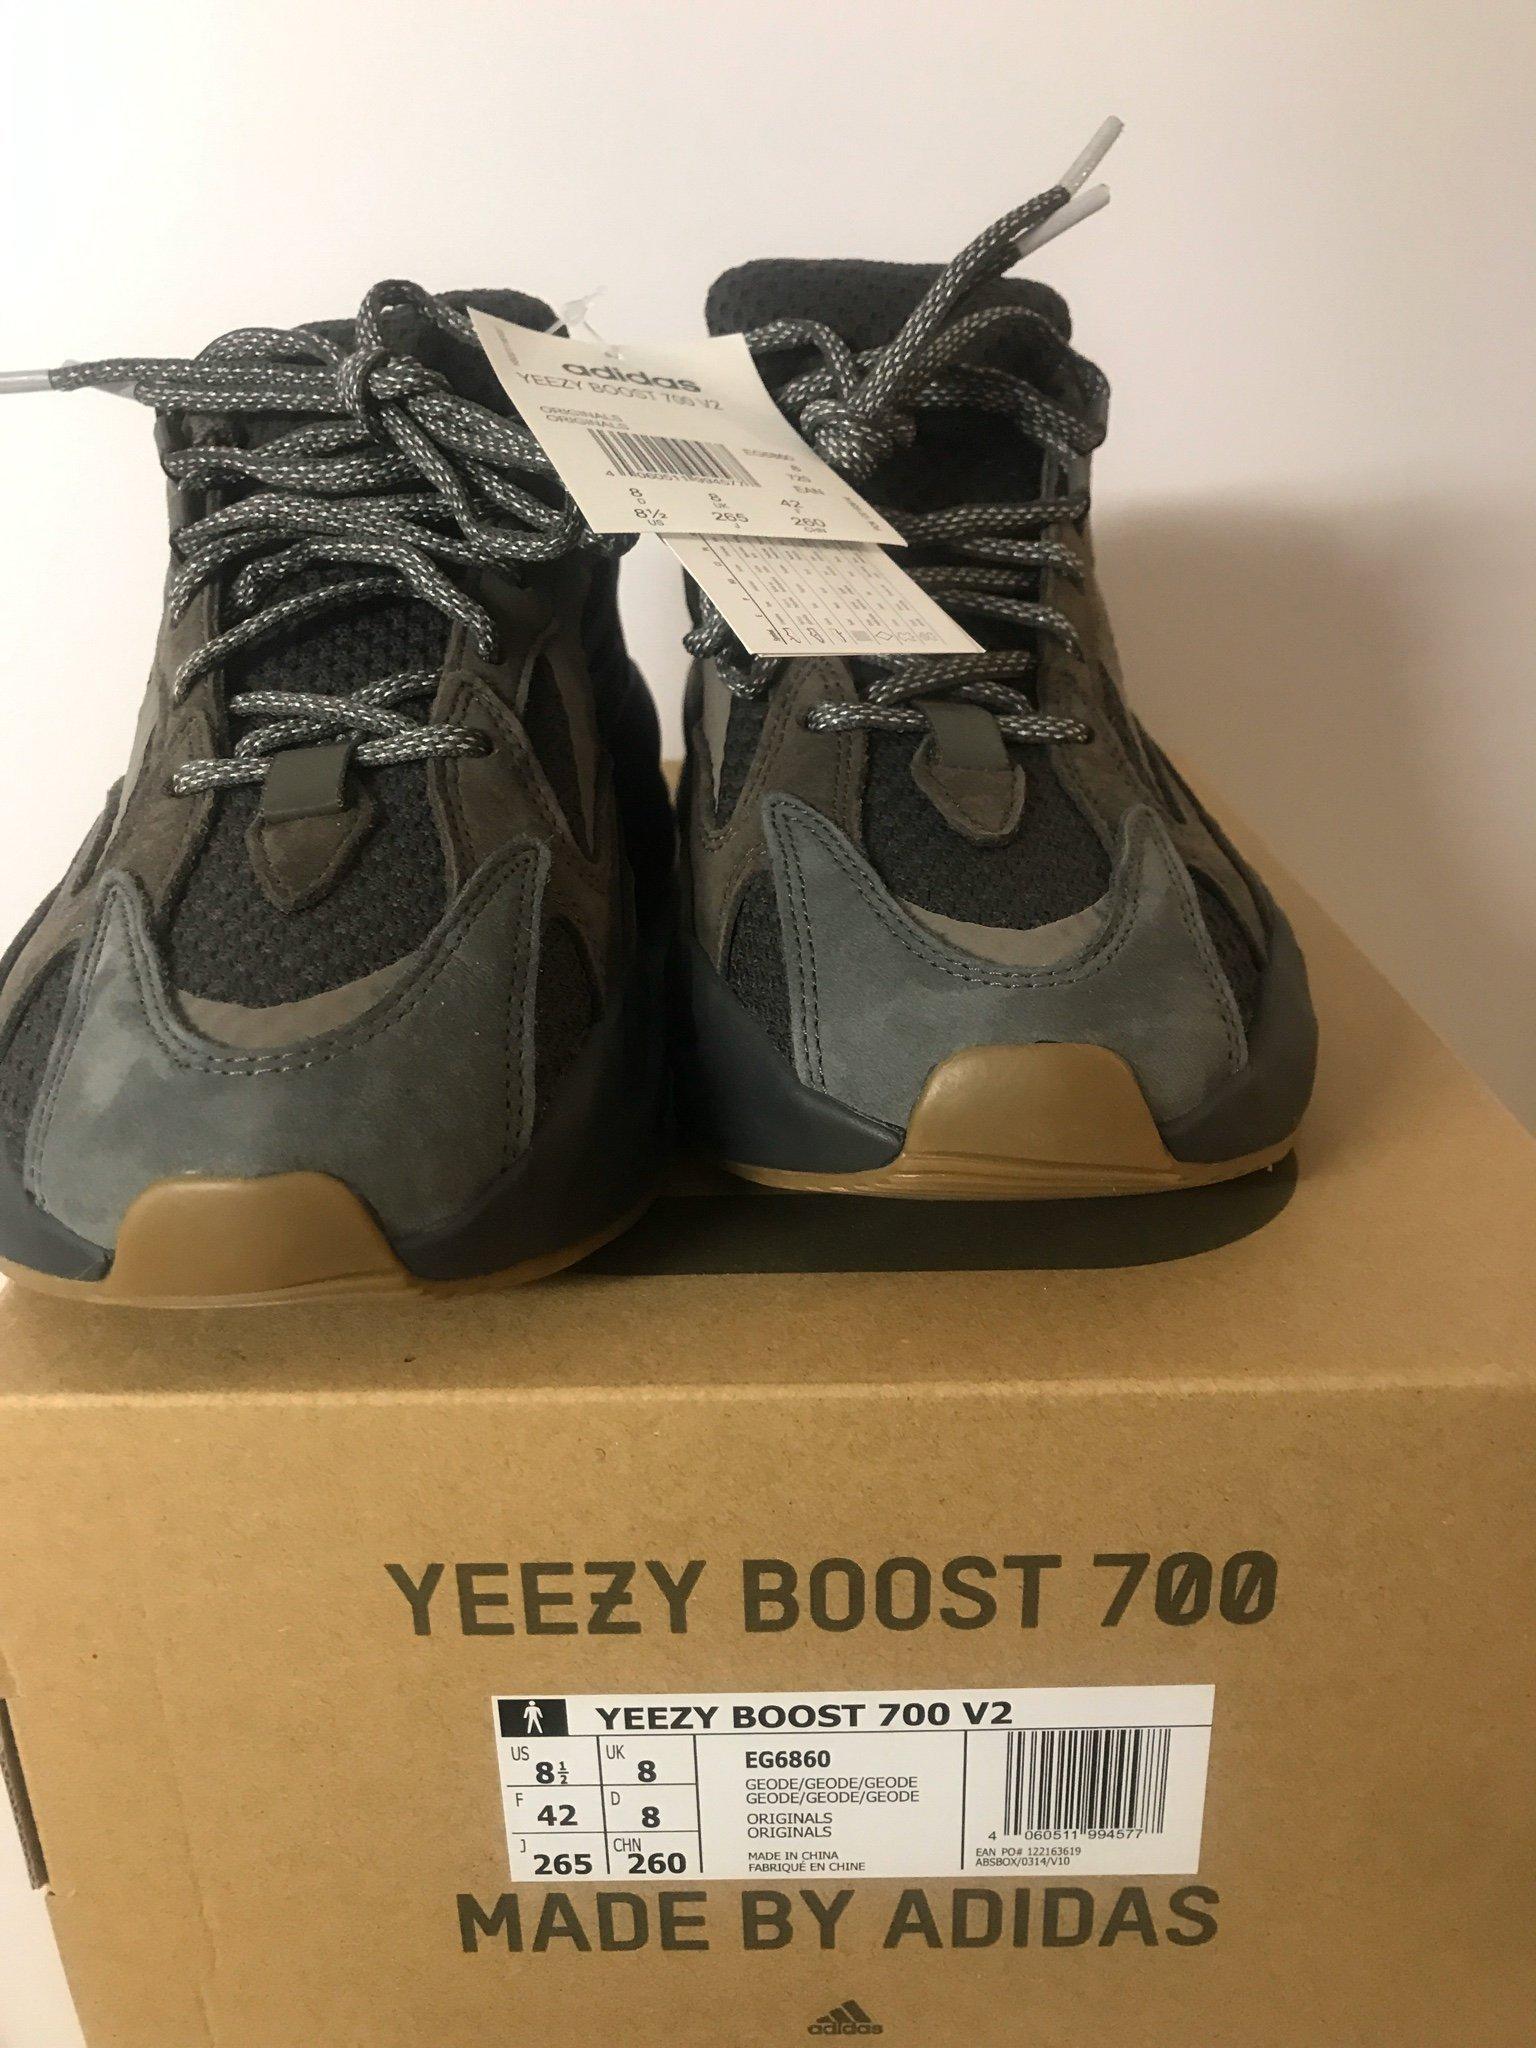 Adidas Yeezy Boost 700 M GeodeGeodeGeode